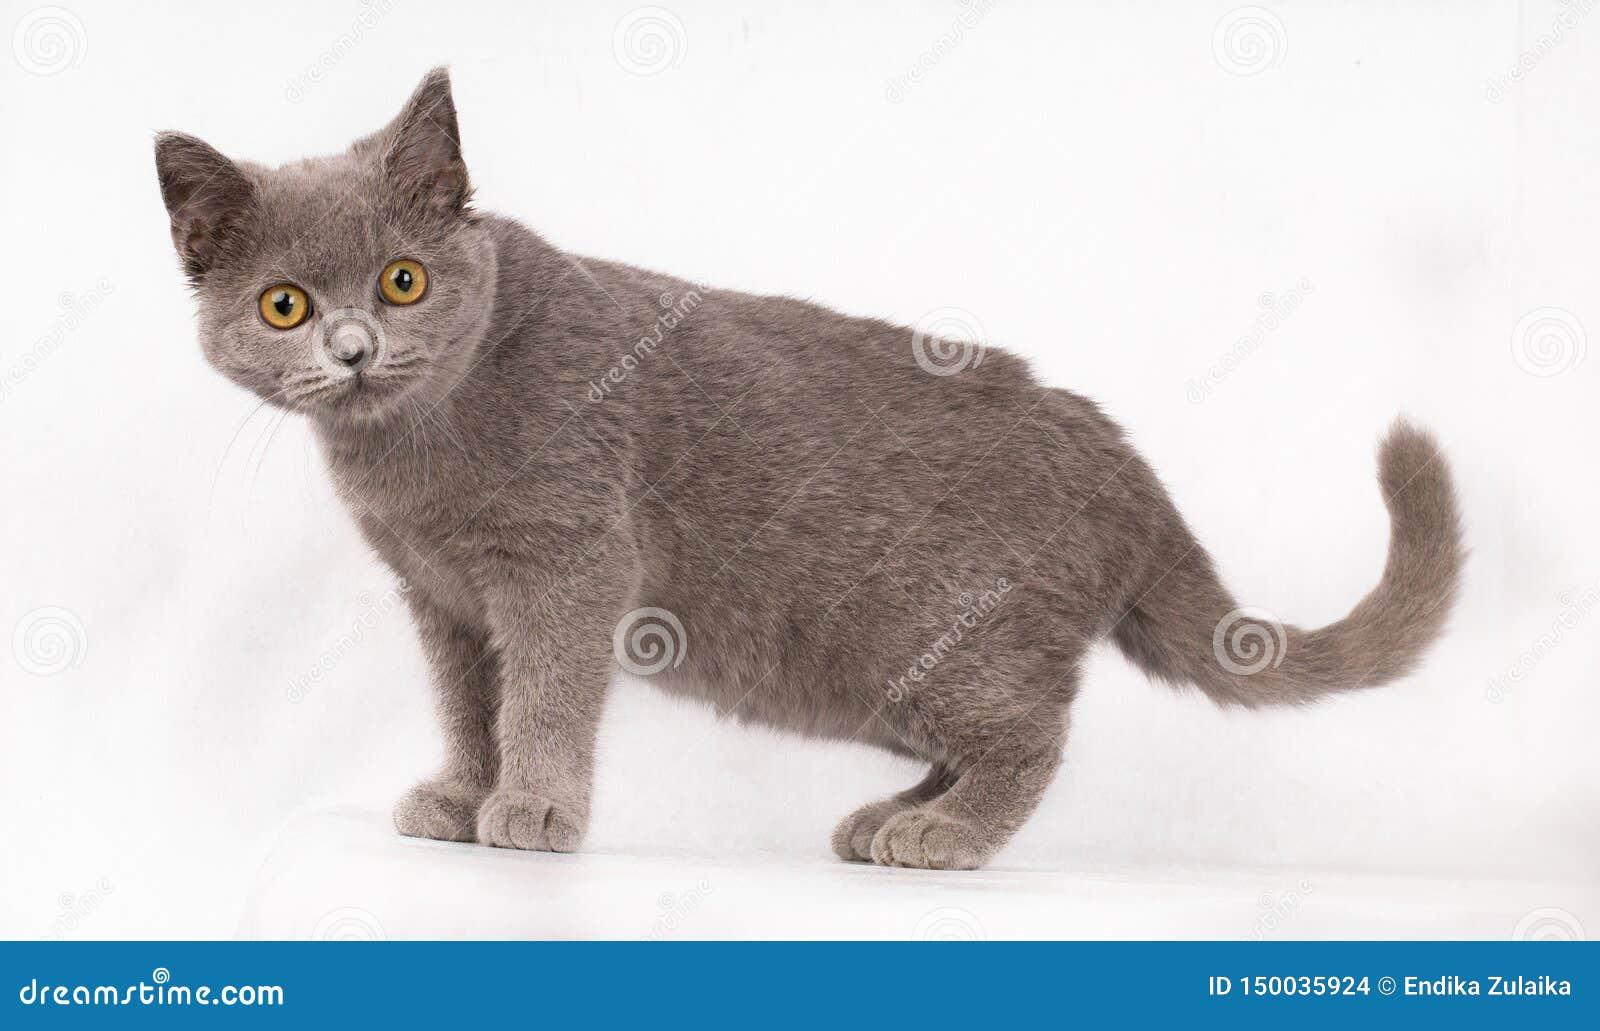 Gato azul lindo adorable del pelo corto de británicos del gato con los ojos anaranjados que miran la cámara aislada en el fondo b